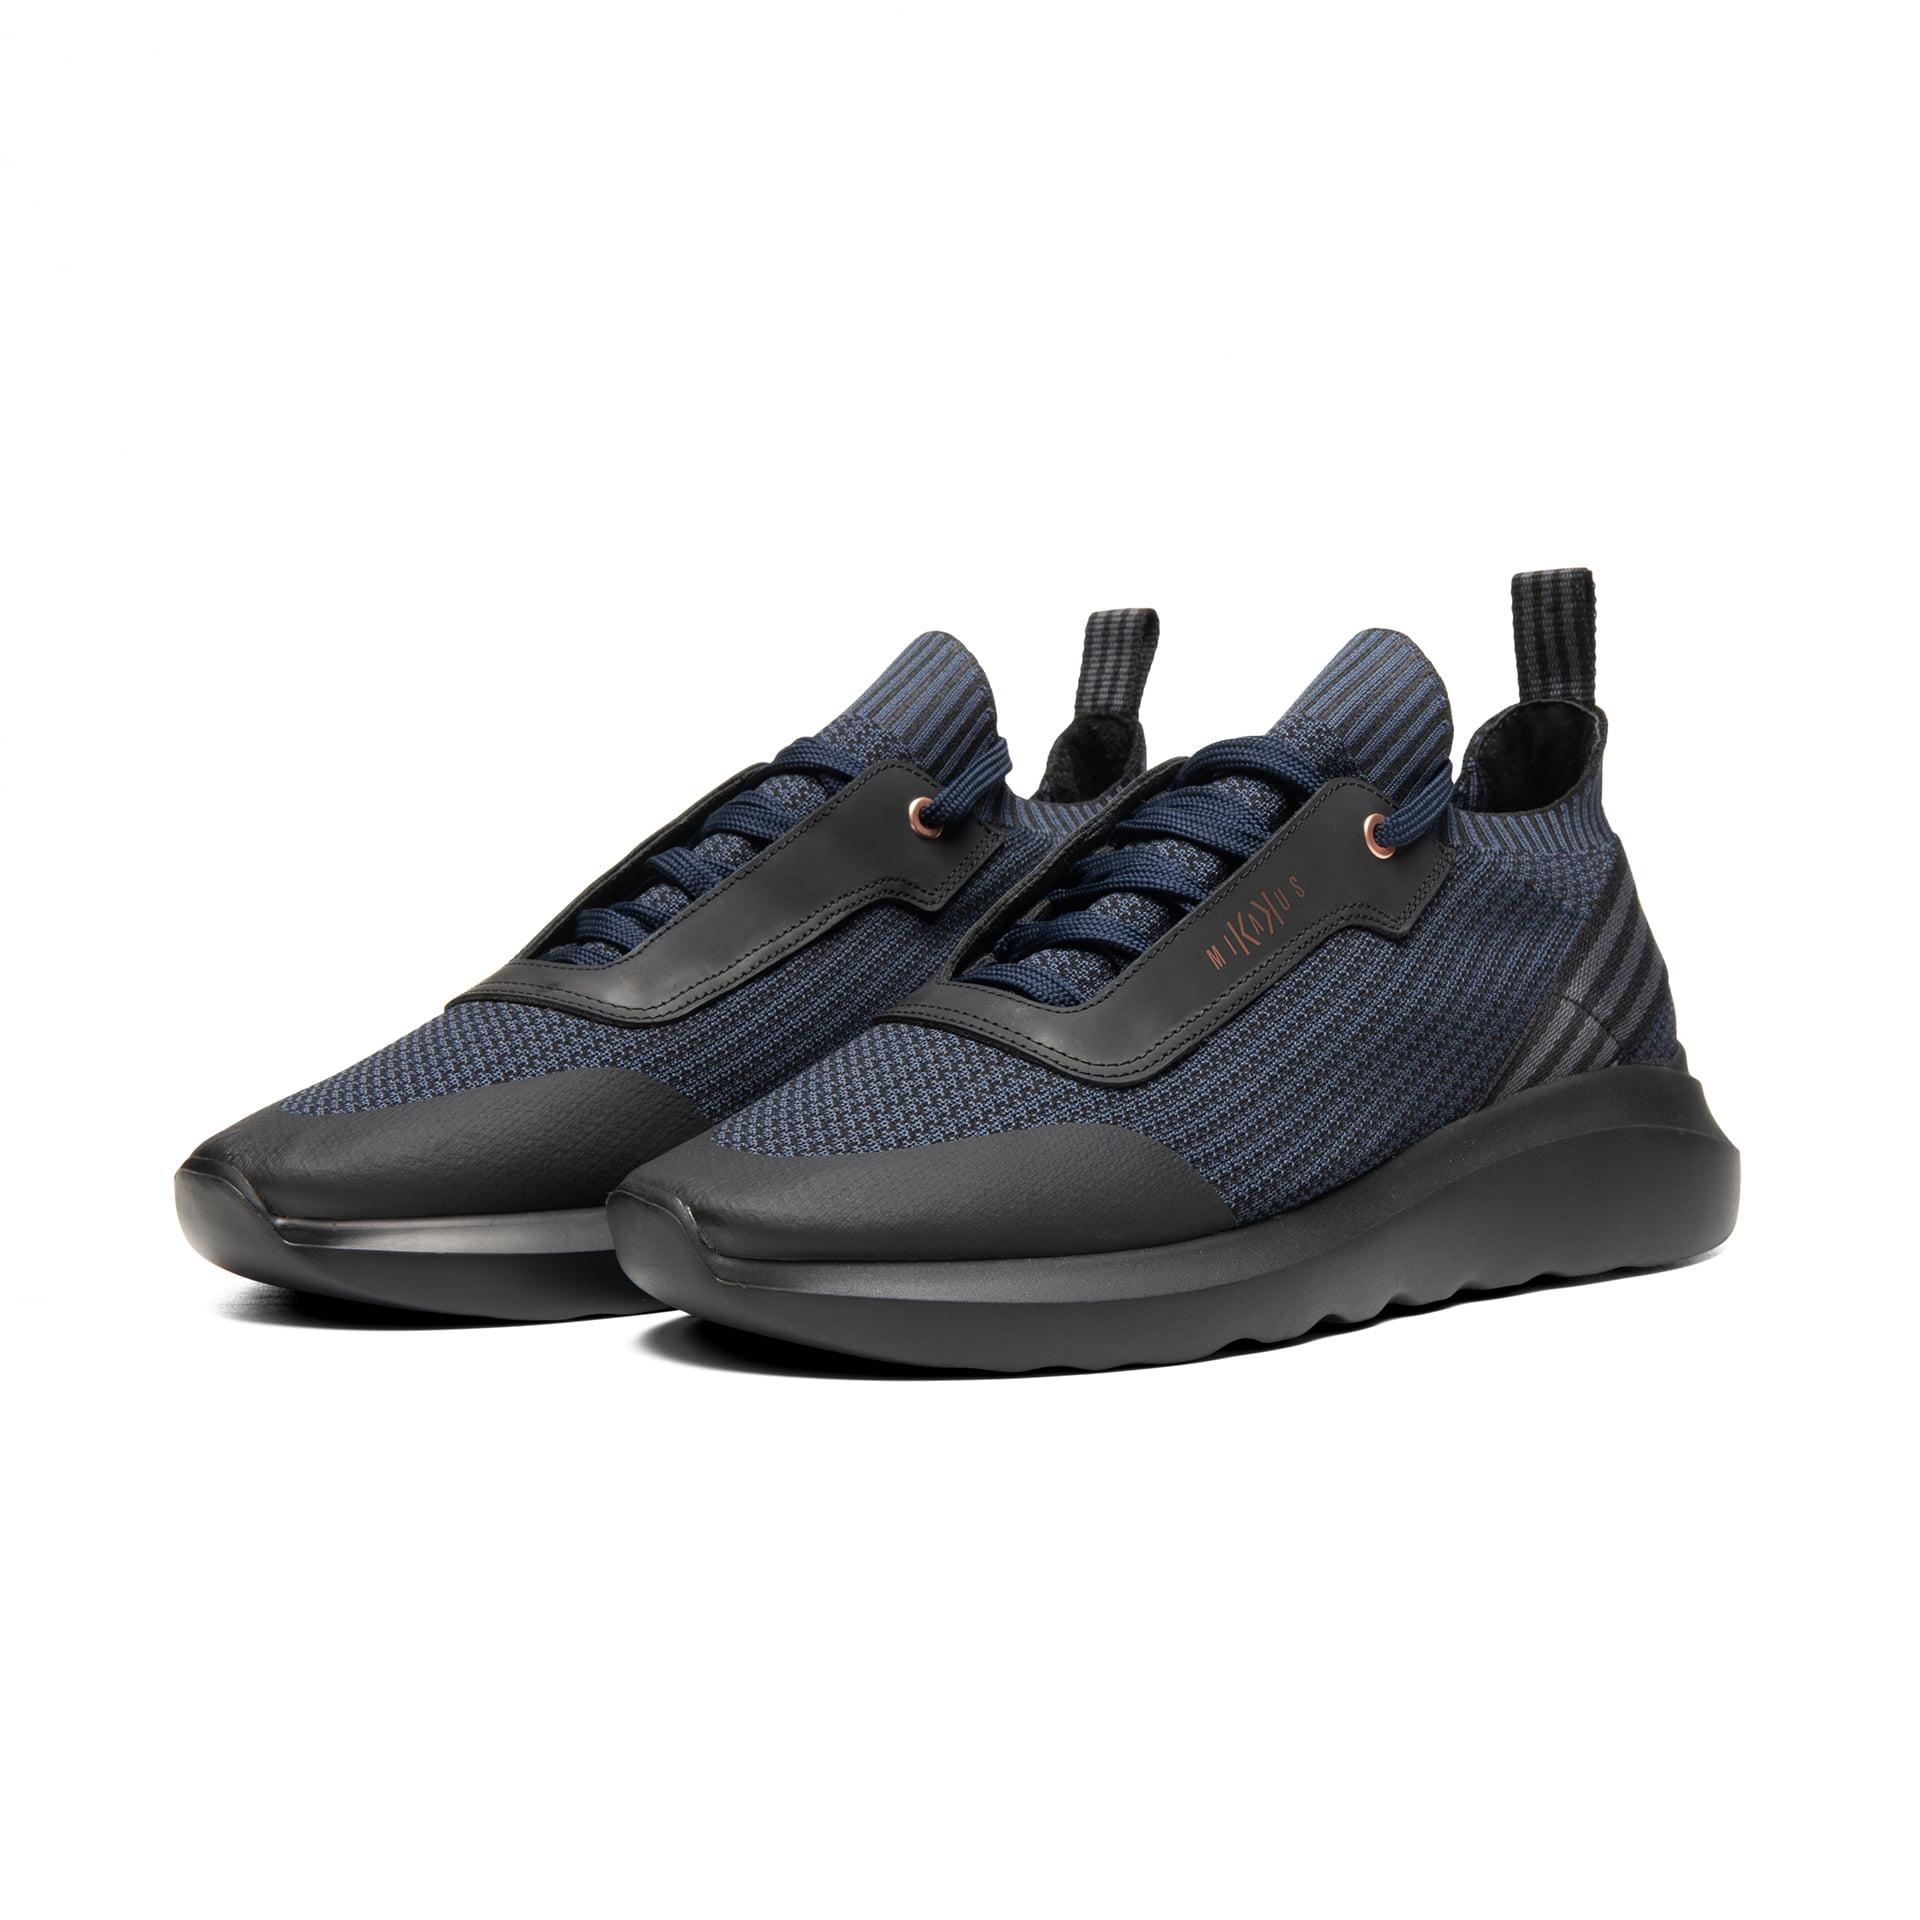 Las  sneakers Mikakus x CUPRA ya están disponibles.